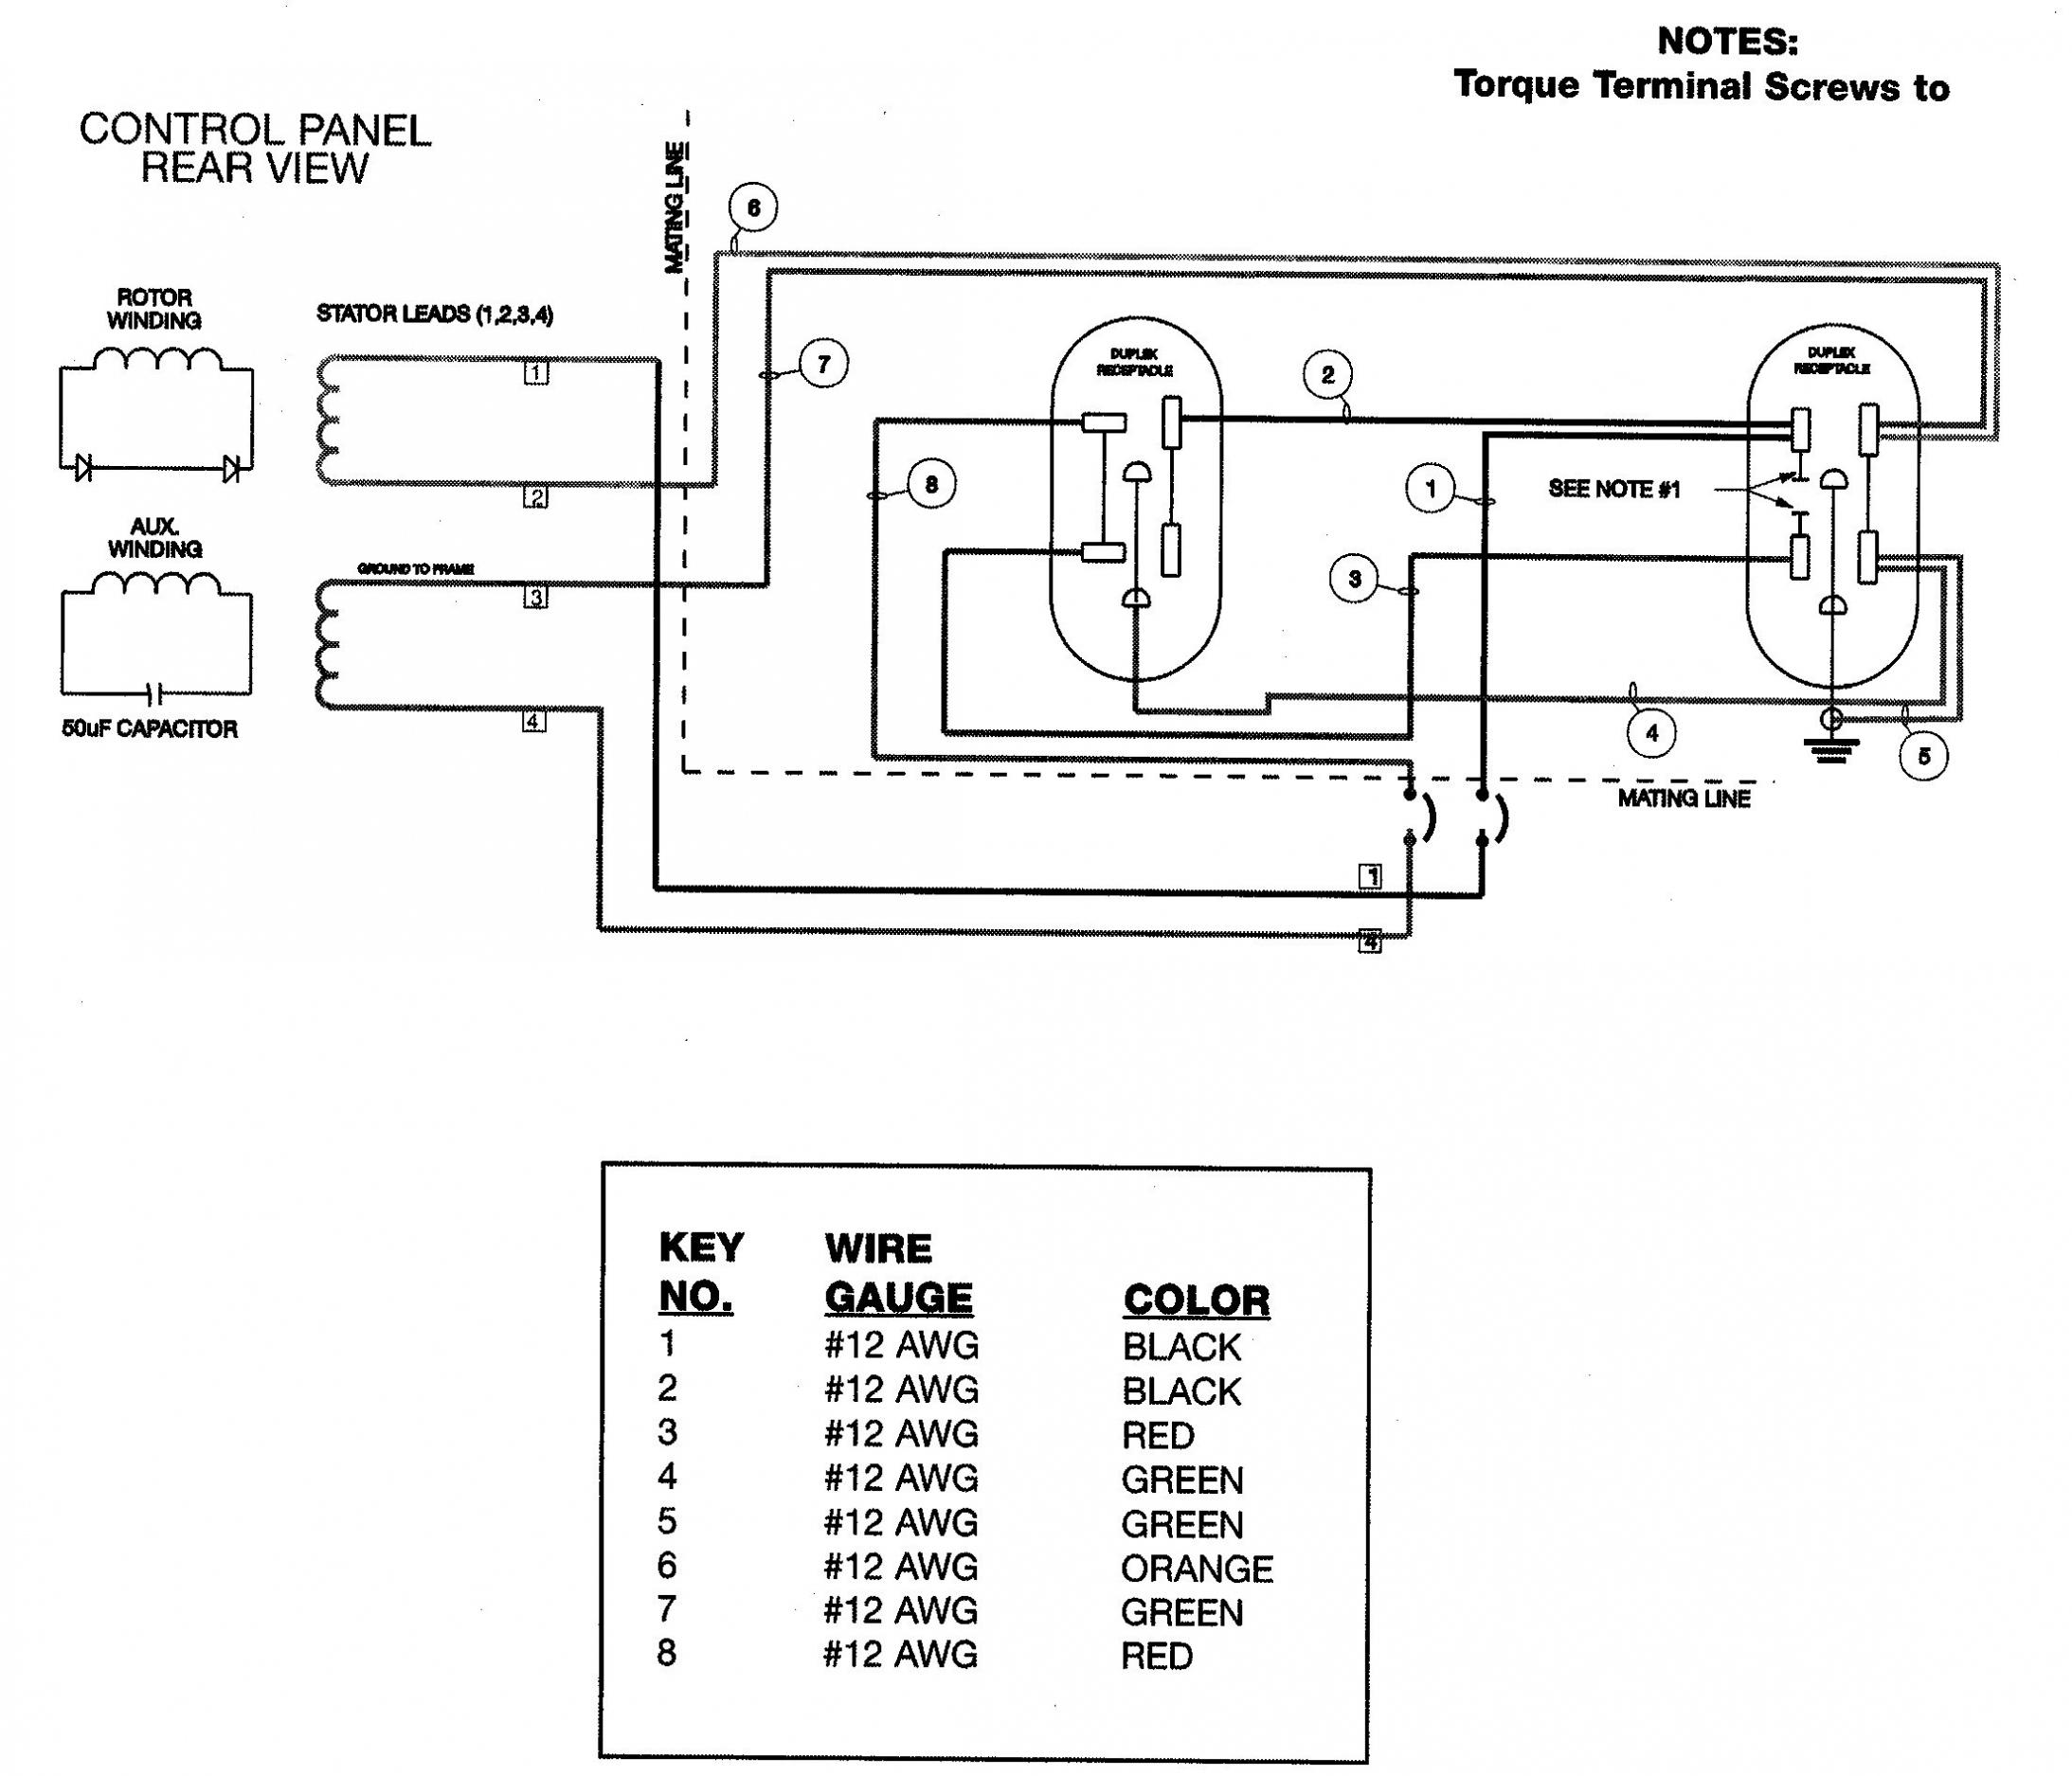 4 Prong Generator Plug Wiring Diagram   Wirings Diagram on 3 prong dryer wiring diagram, circuit breaker wiring diagram, honda ex4500s diagram, 4 prong trolling motor plug, 4 prong stove outlet, dryer outlet wiring diagram, 4 prong 220 outlet, portable generator wiring diagram, 3 prong 220 wiring diagram, 4 prong relay diagram, 4 prong trailer wiring, 4 prong dryer plug diagram, 3 prong outlet wiring diagram, 4 prong range plug wiring, 240 volt 4 wire wiring diagram, 4 prong vs 3 prong dryer plug, 3 prong headlight wiring diagram, 3 prong toggle switch wiring diagram, 4 prong generator plug wiring,